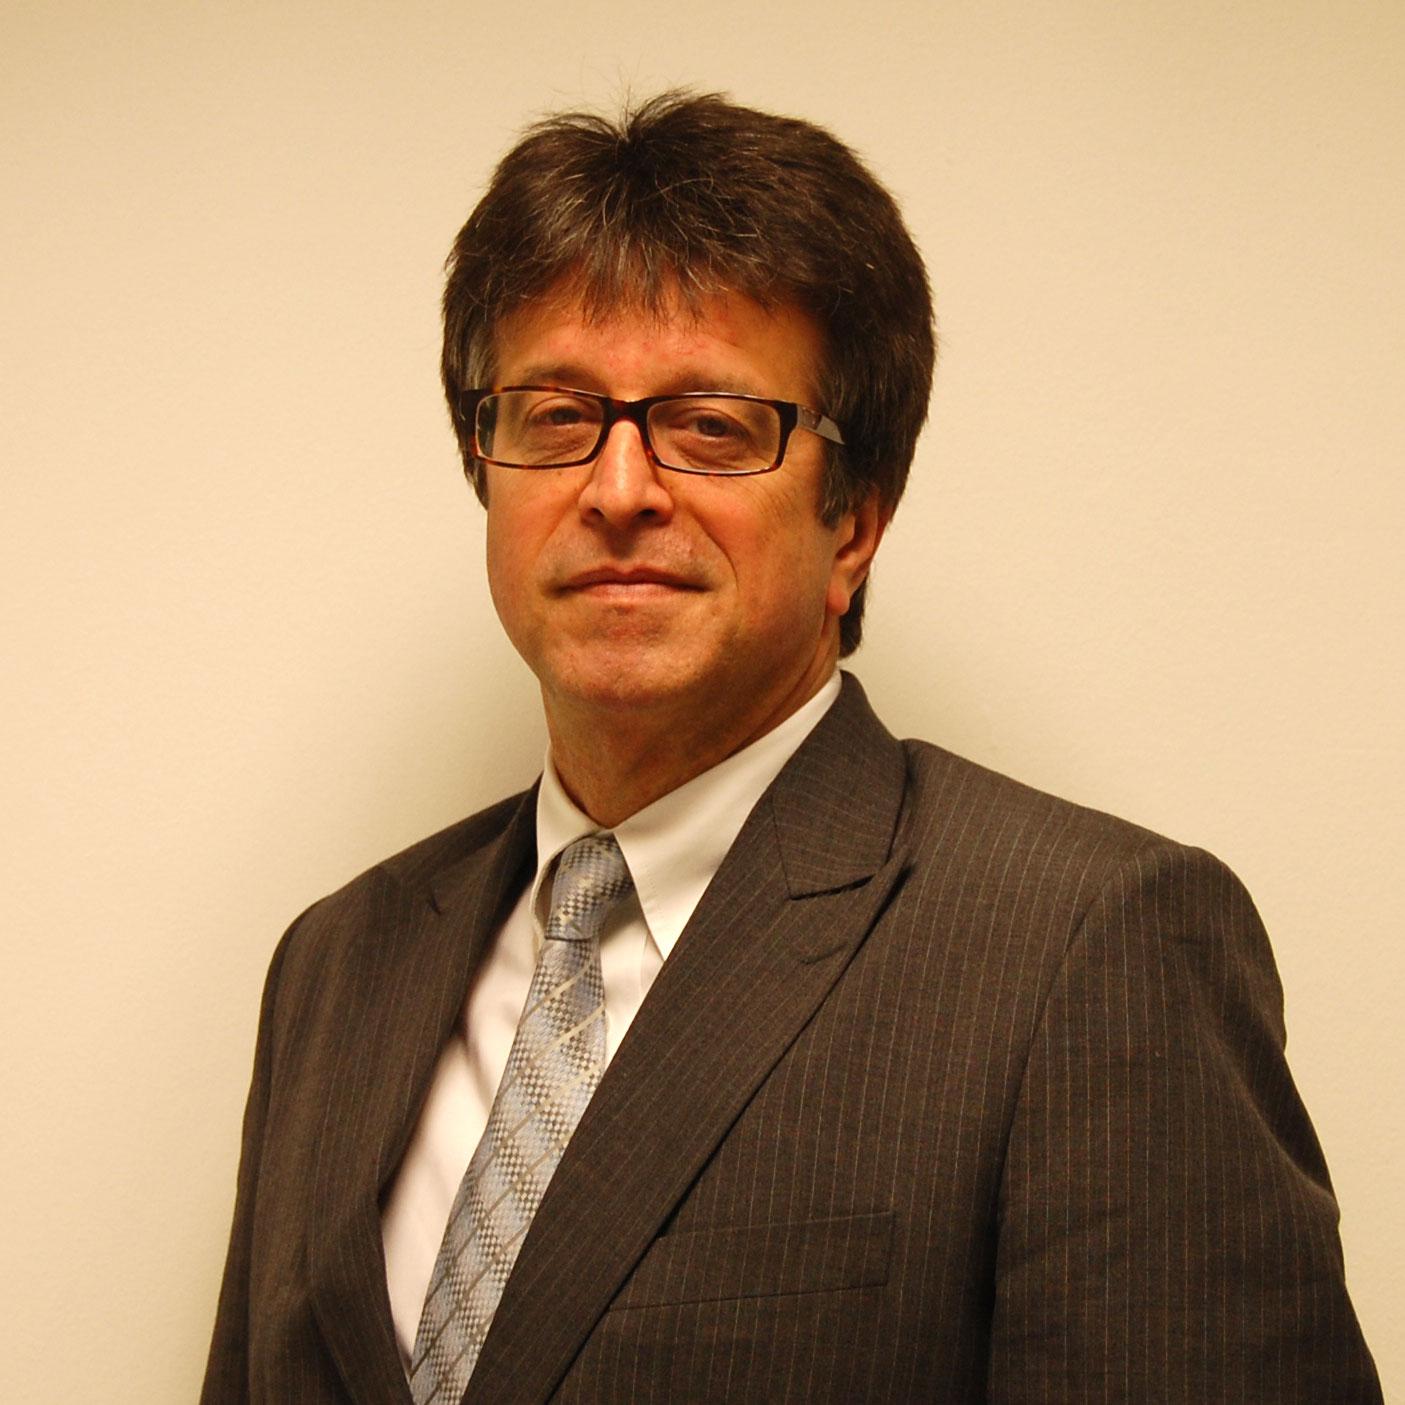 Larry De Souza